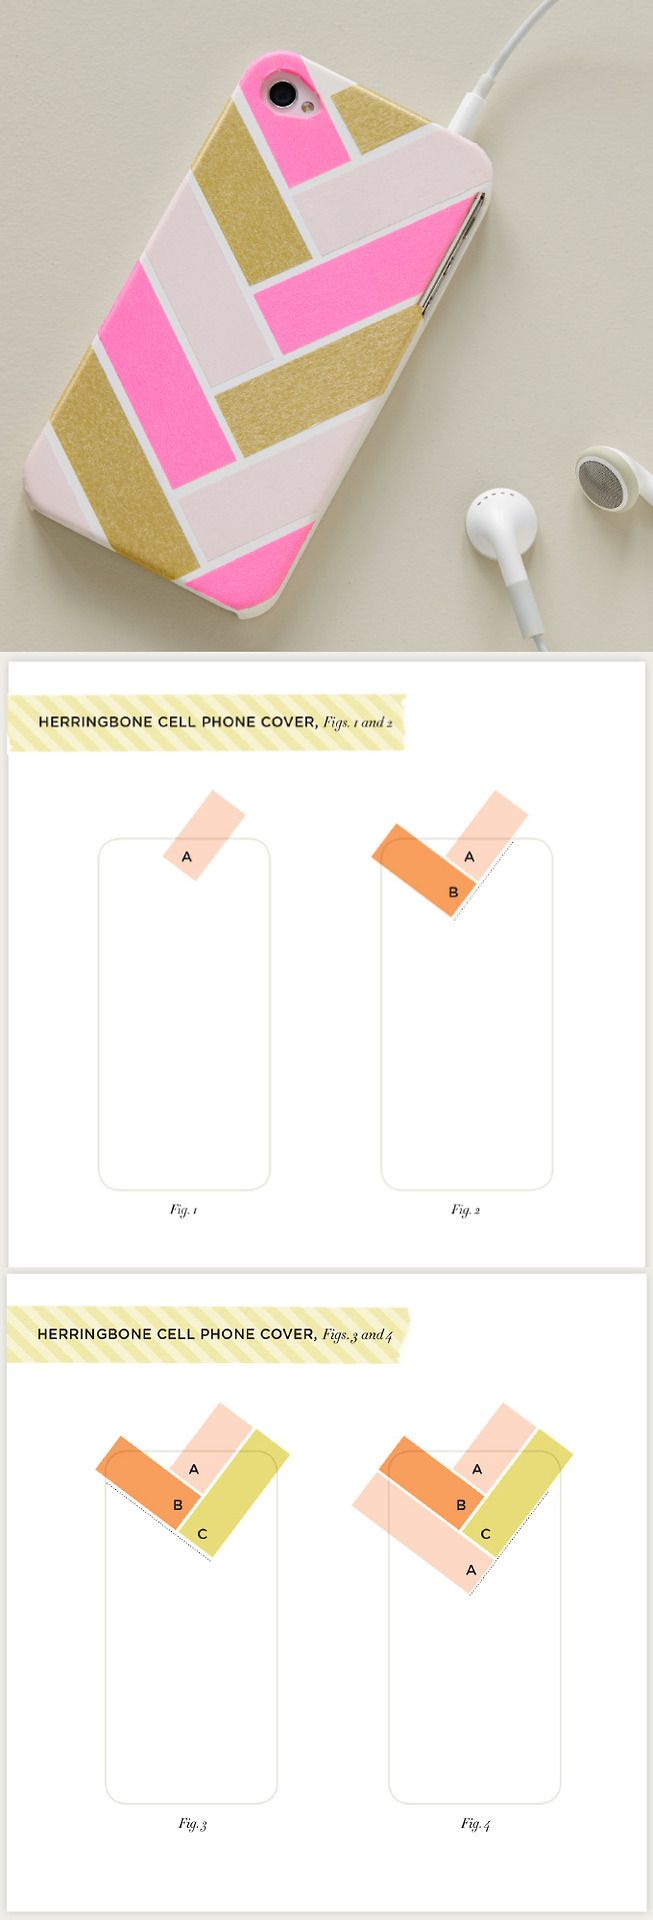 DIY Herringbone Phone Cover   Tumblr